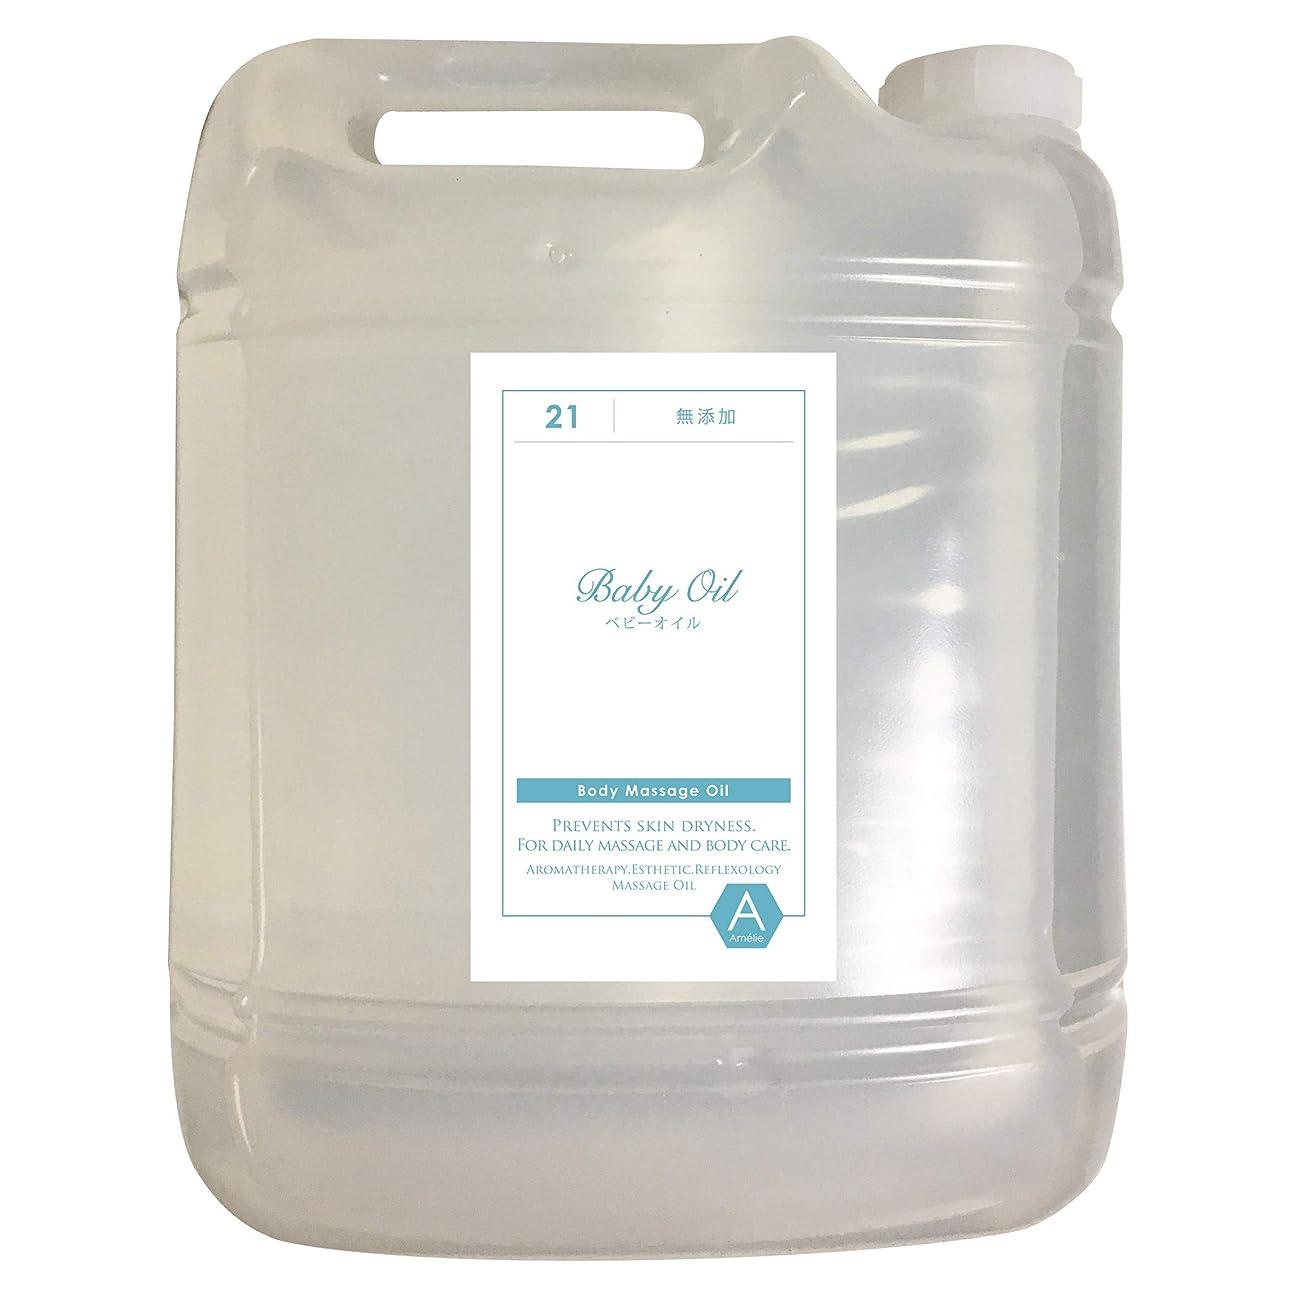 国民国際アラブサラボ無添加ベビーオイル(無香料)業務用サイズマッサージオイル 5L